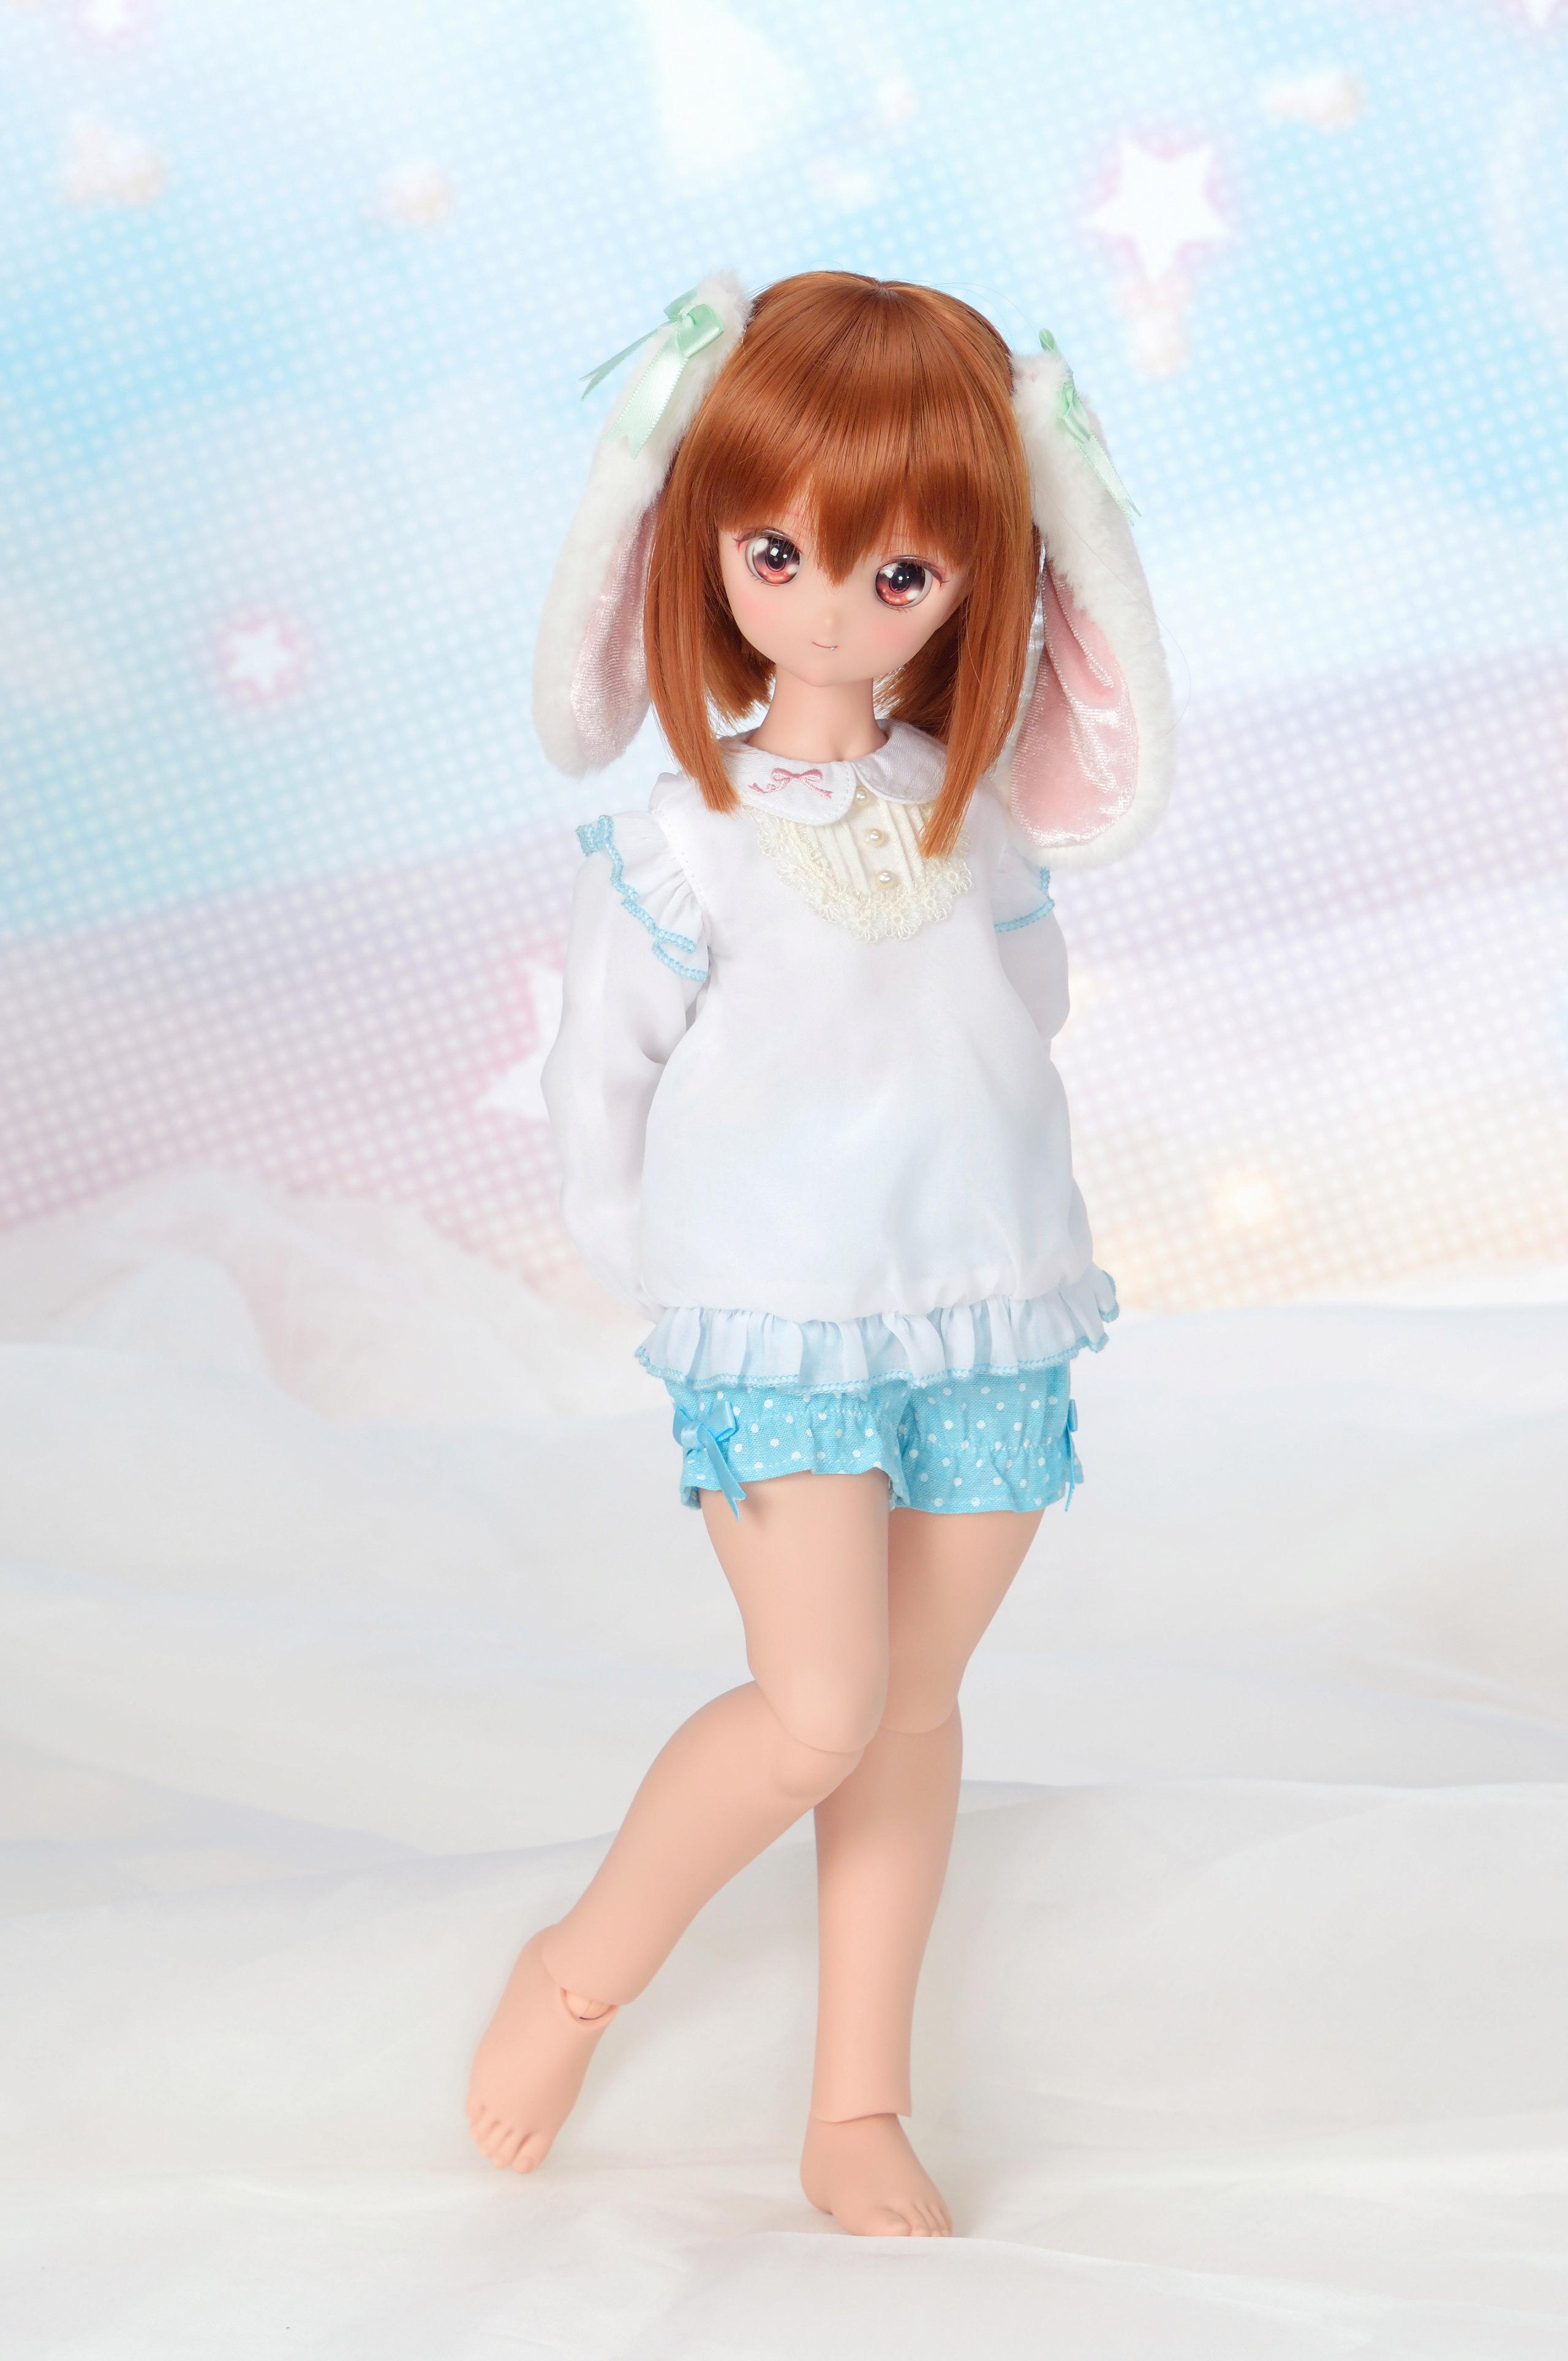 [Dollfie Dream] Corps MDD Mochi-Ashi - DCH-19 - DCH-21 Nis_0612